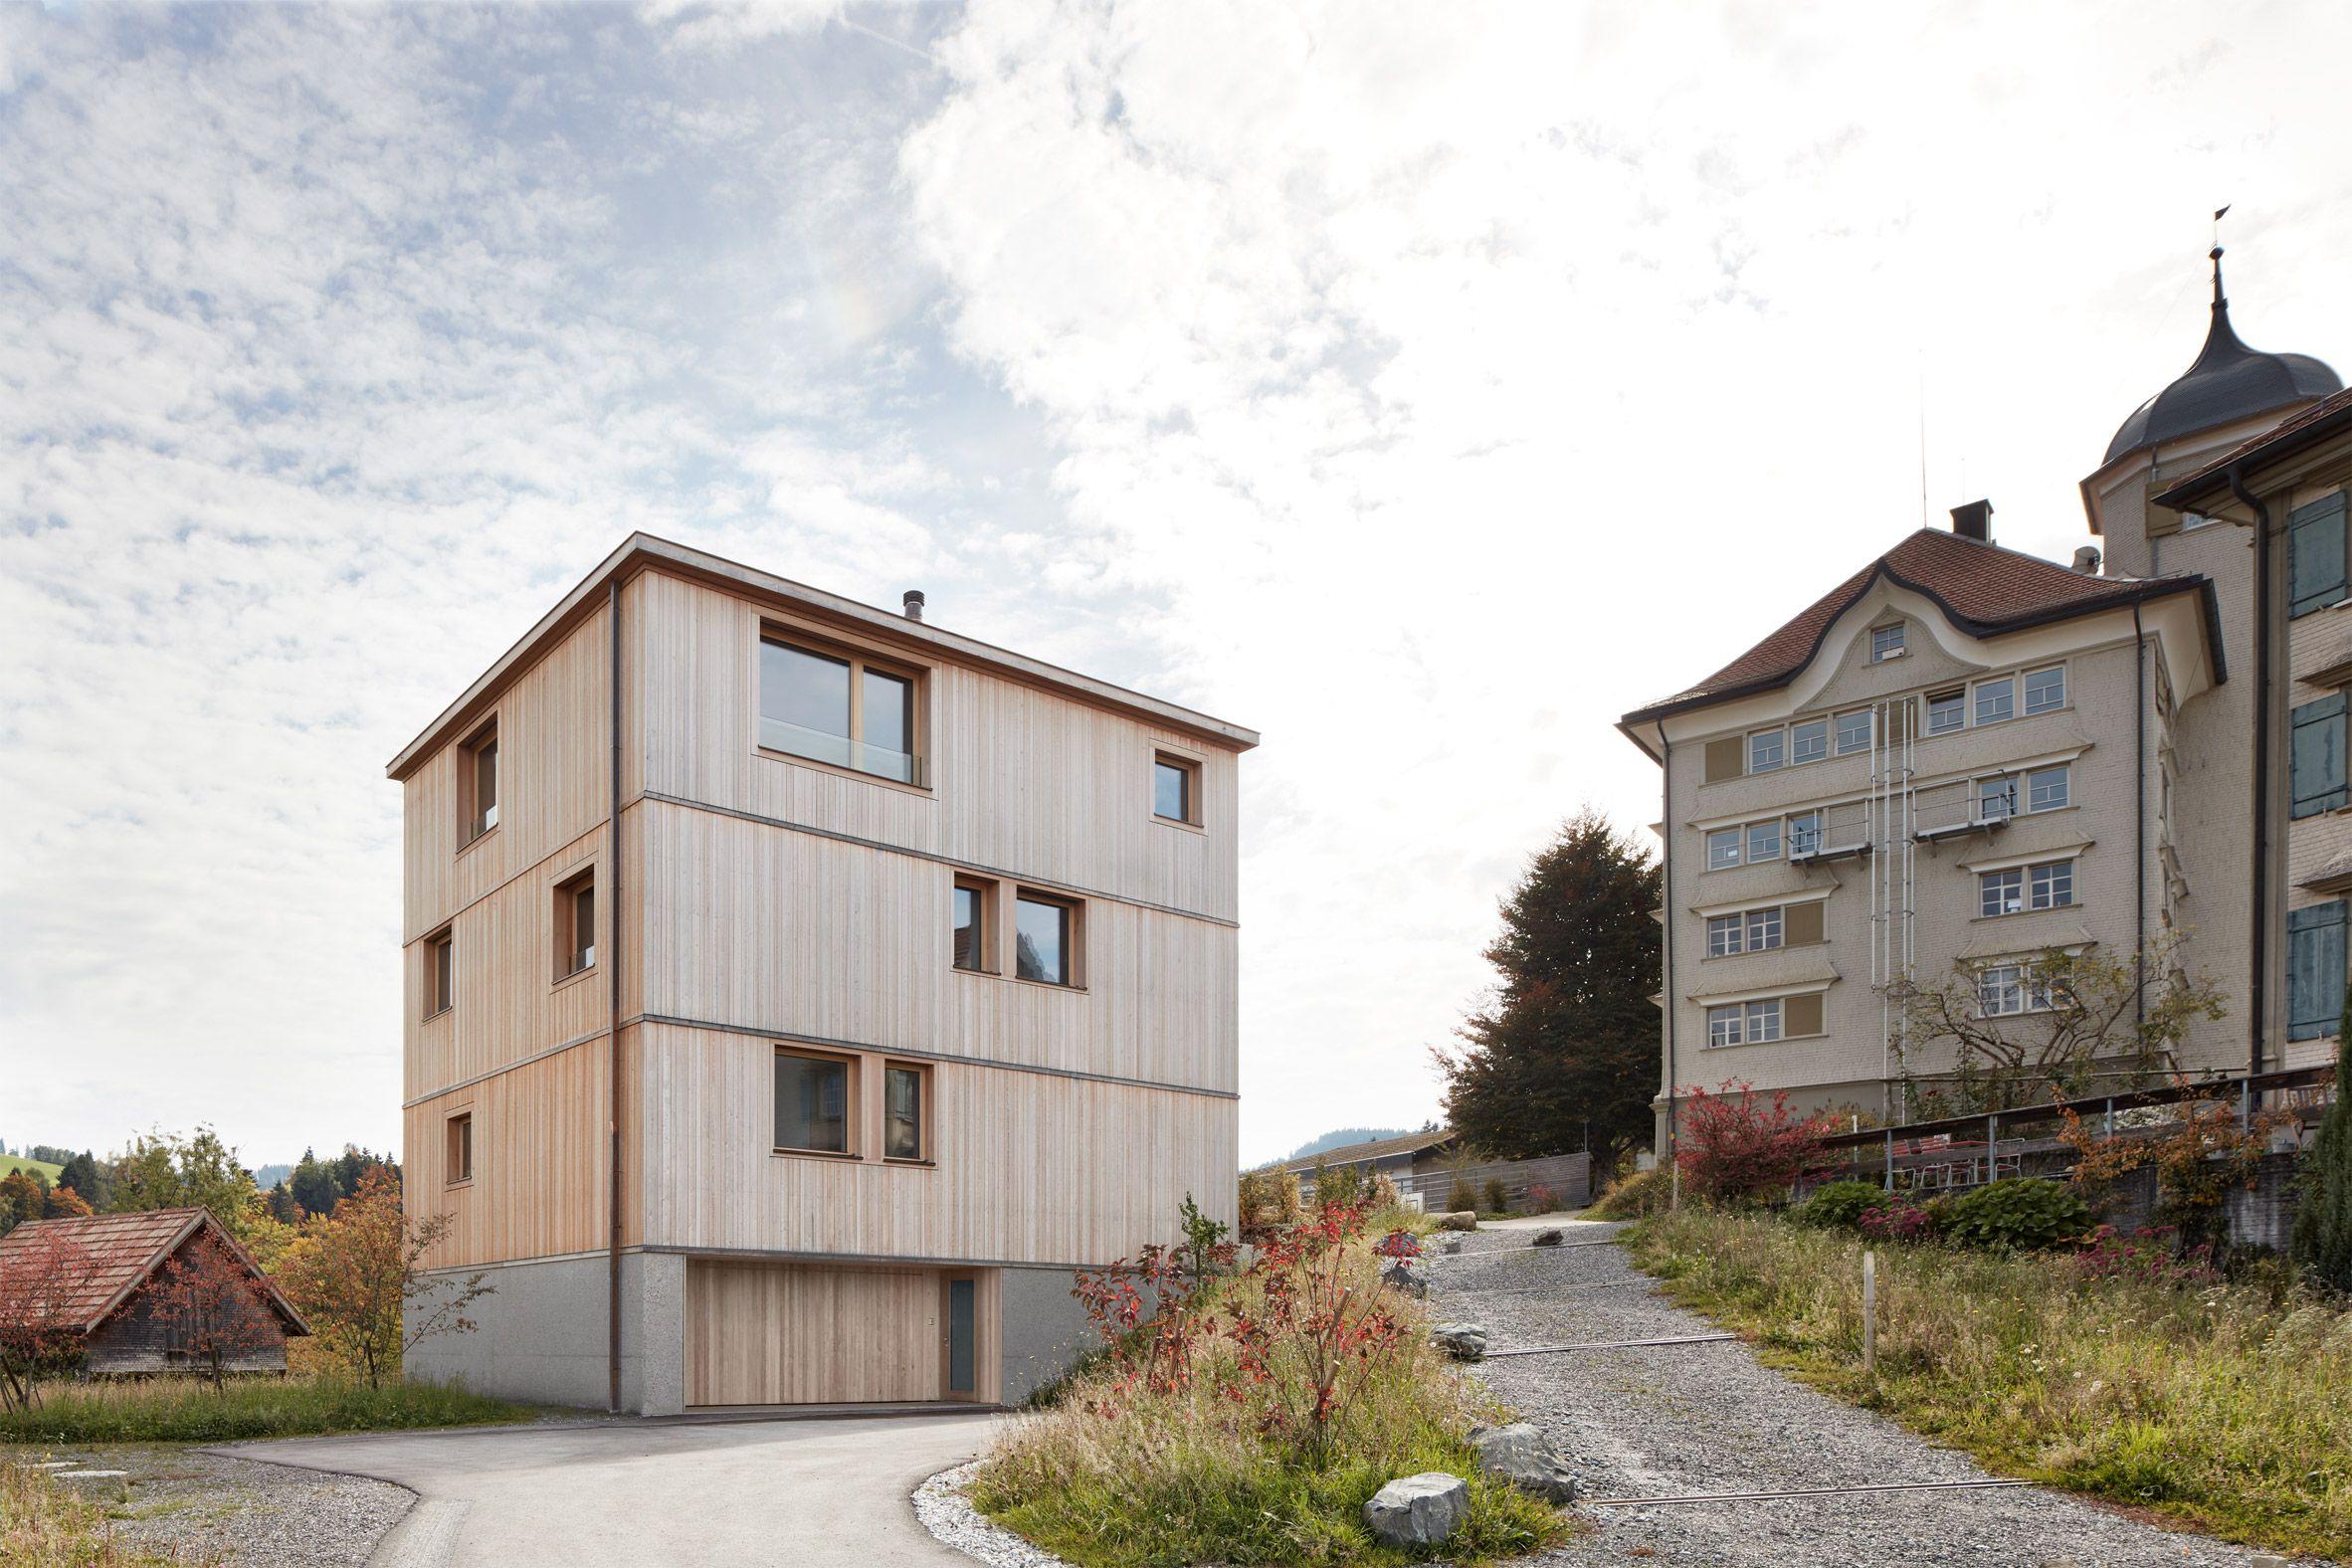 Kleines haus außendesign house on the schopfacker trogen appenzell switzerland by